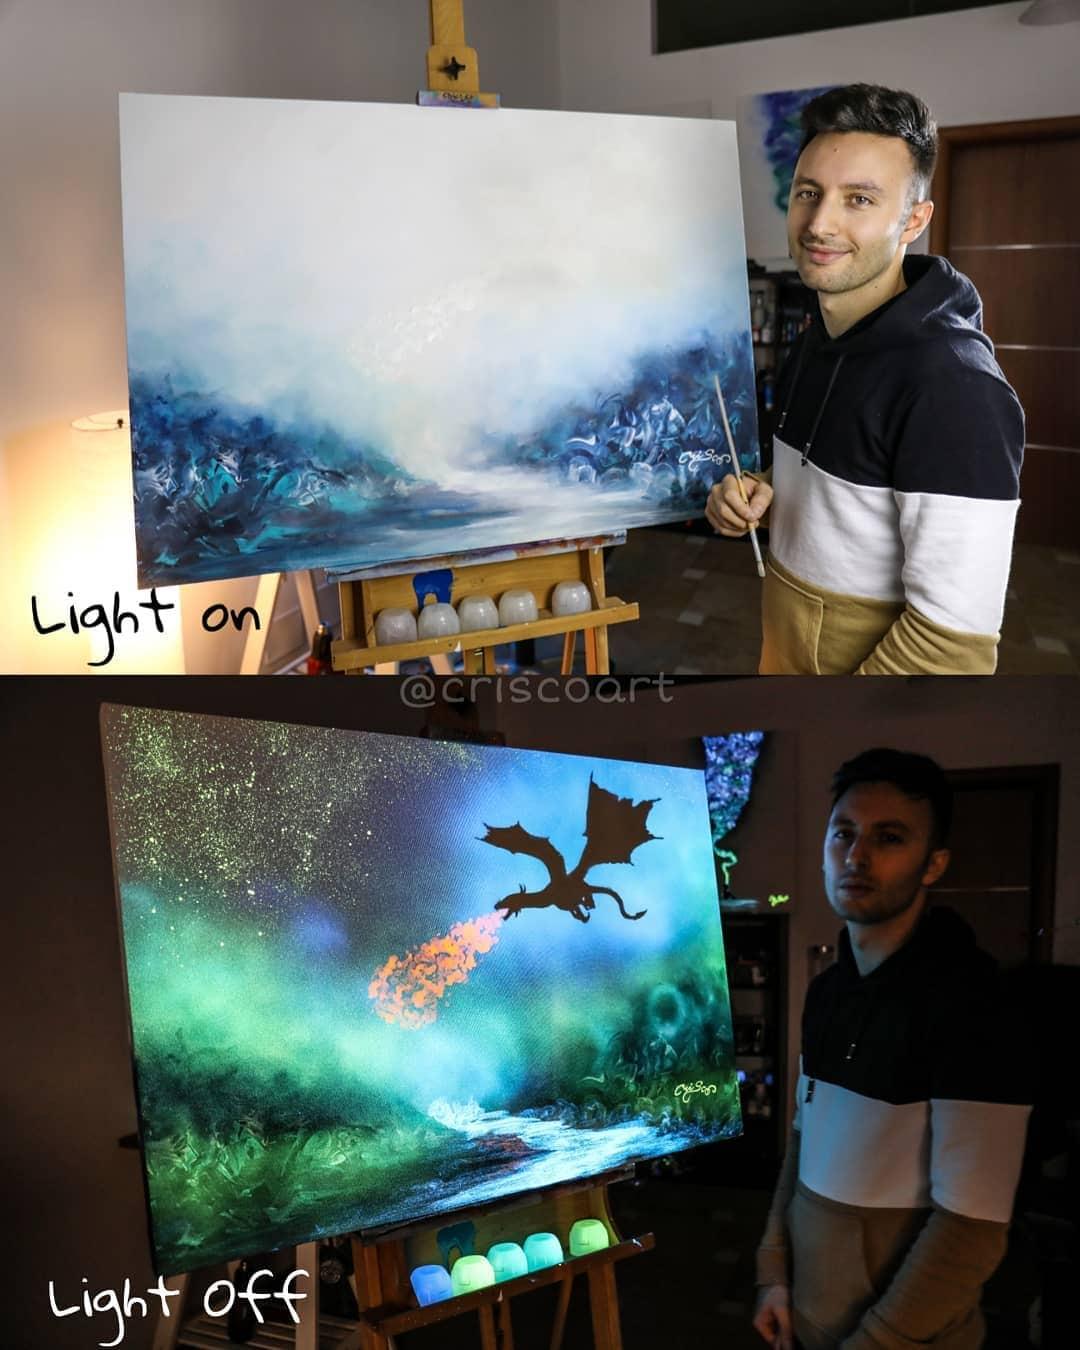 1566887367 9f05e42c50f20bd5681c17874a077a9d - 20 рисунков итальянского художника, которые оживают, когда выключается свет